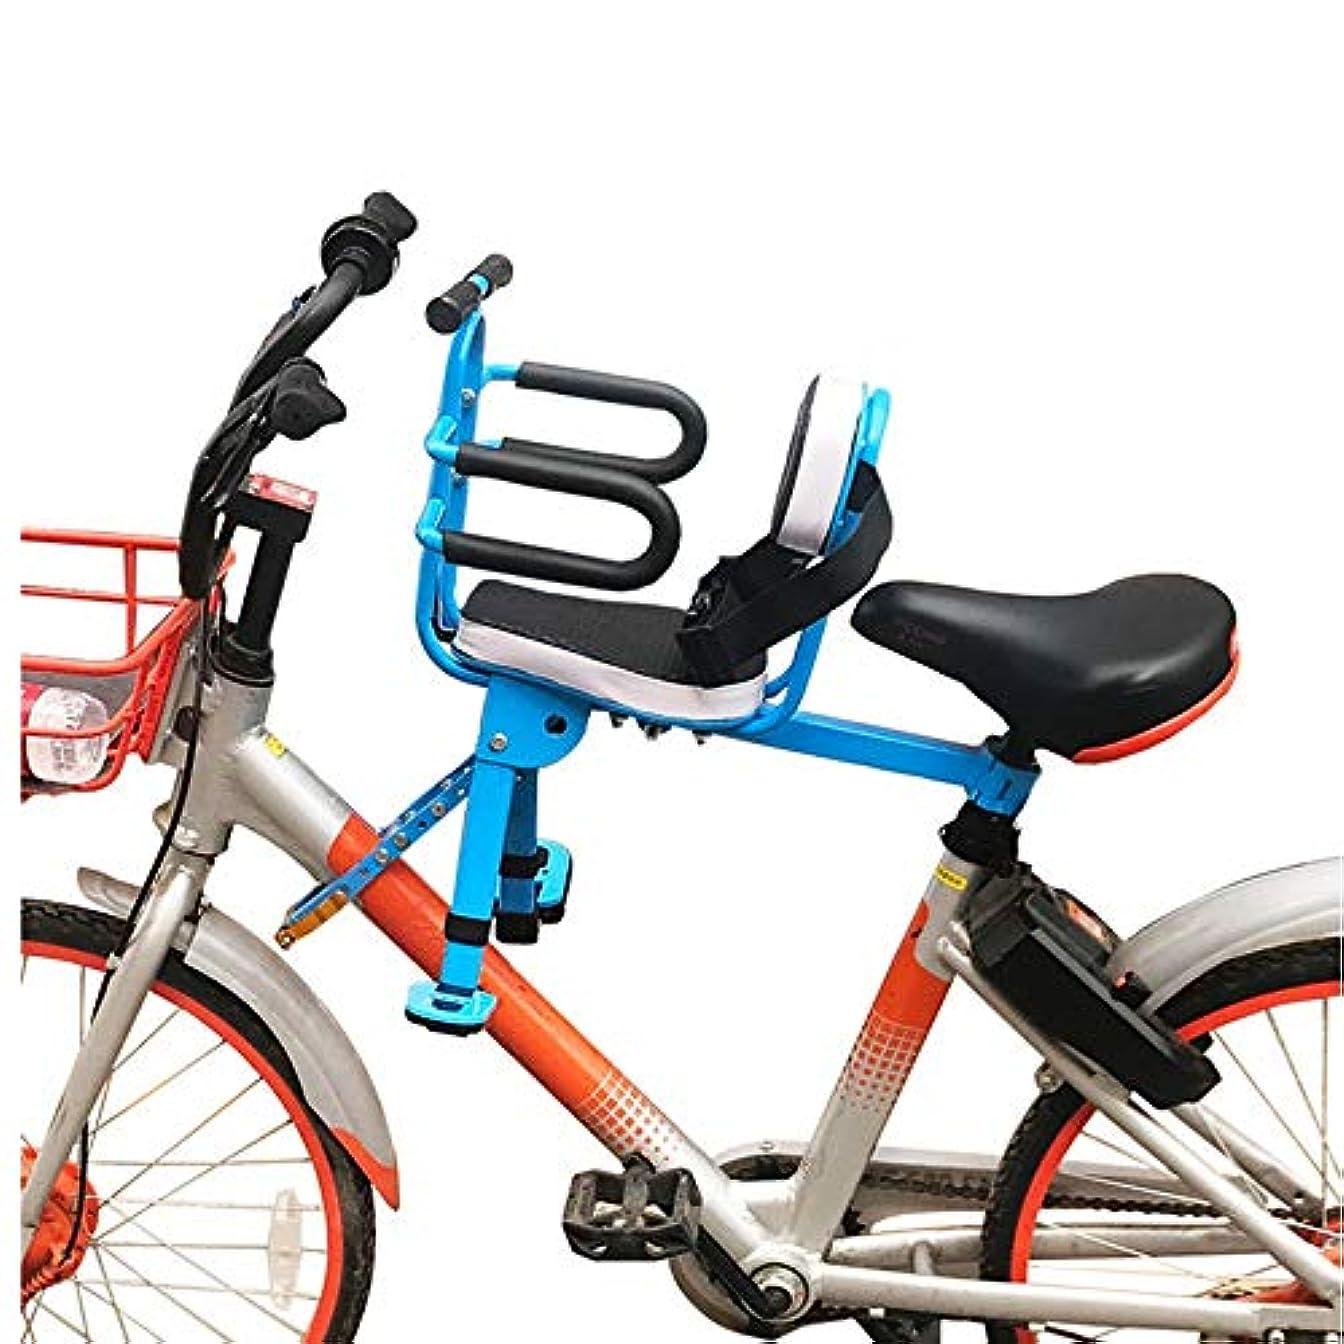 句わずらわしい動力学折り畳み式のチャイルドバイクシート 電気自動車フロントベビーセーフティシート折りたたみ自転車マウンテンバイク自転車チャイルドシートクイックリリースハーフ全周 (色 : 青, サイズ : ワンサイズ)